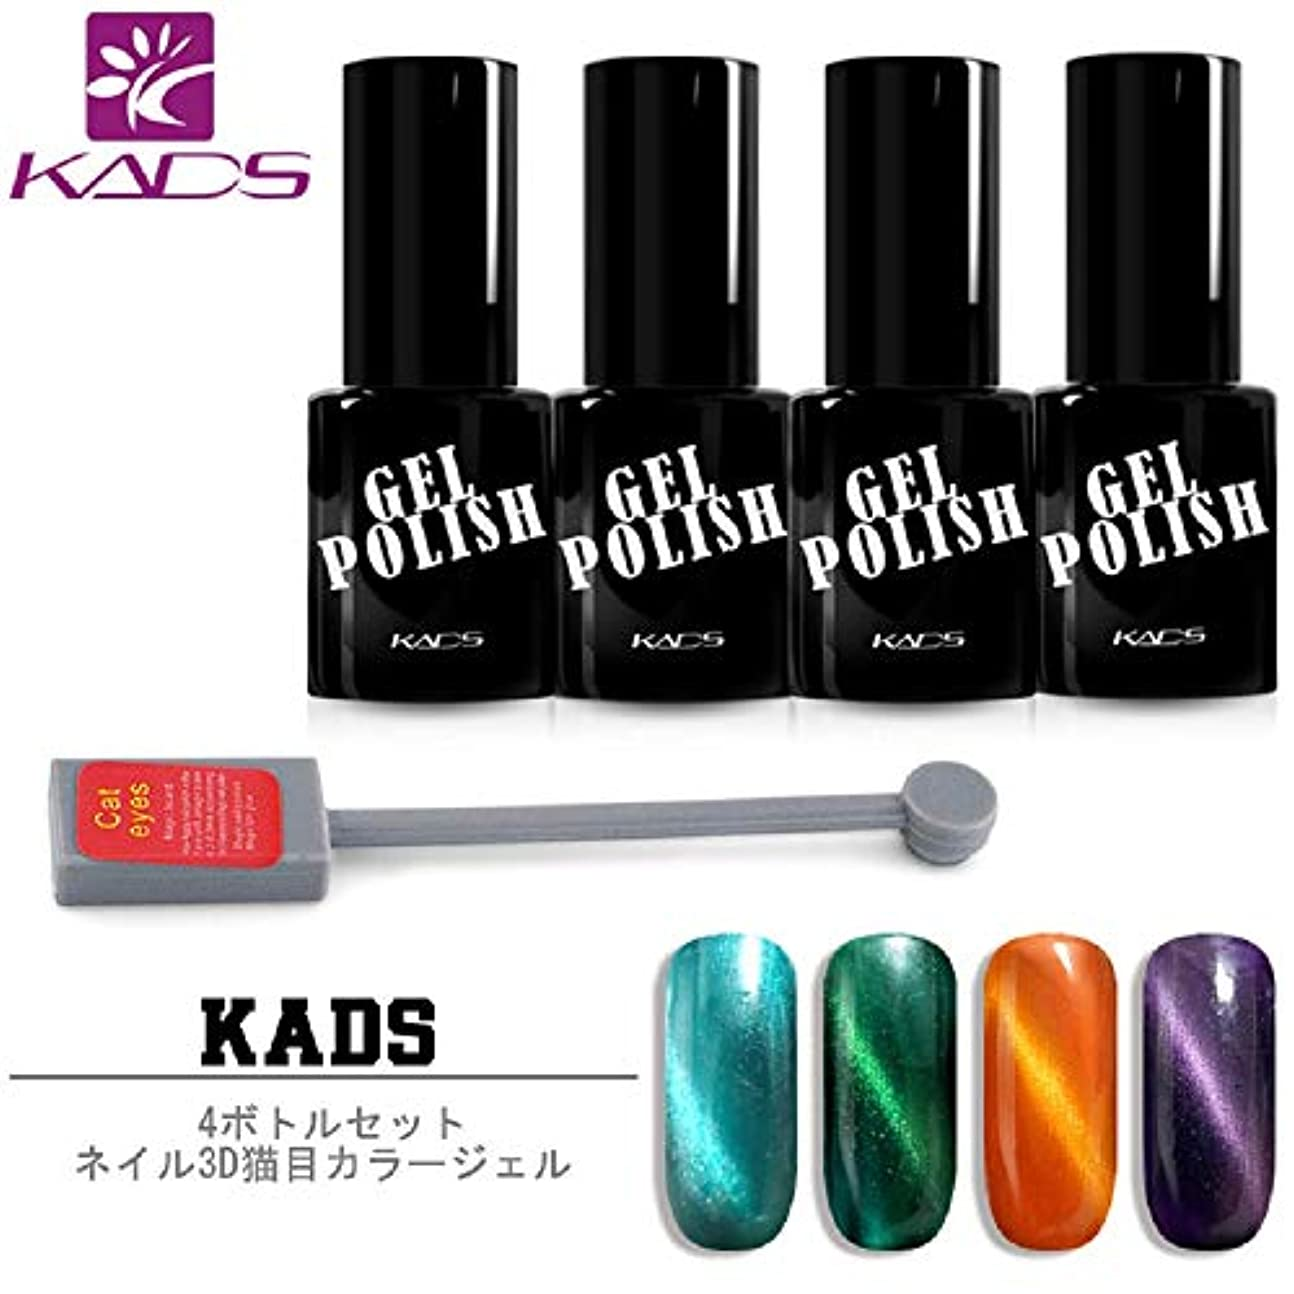 物理的なコーヒー商品KADS キャッツアイジェル ジェルネイル カラーポリッシュ 4色セット 猫目 UV/LED対応 マグネット 磁石付き マニキュアセット (セット2)